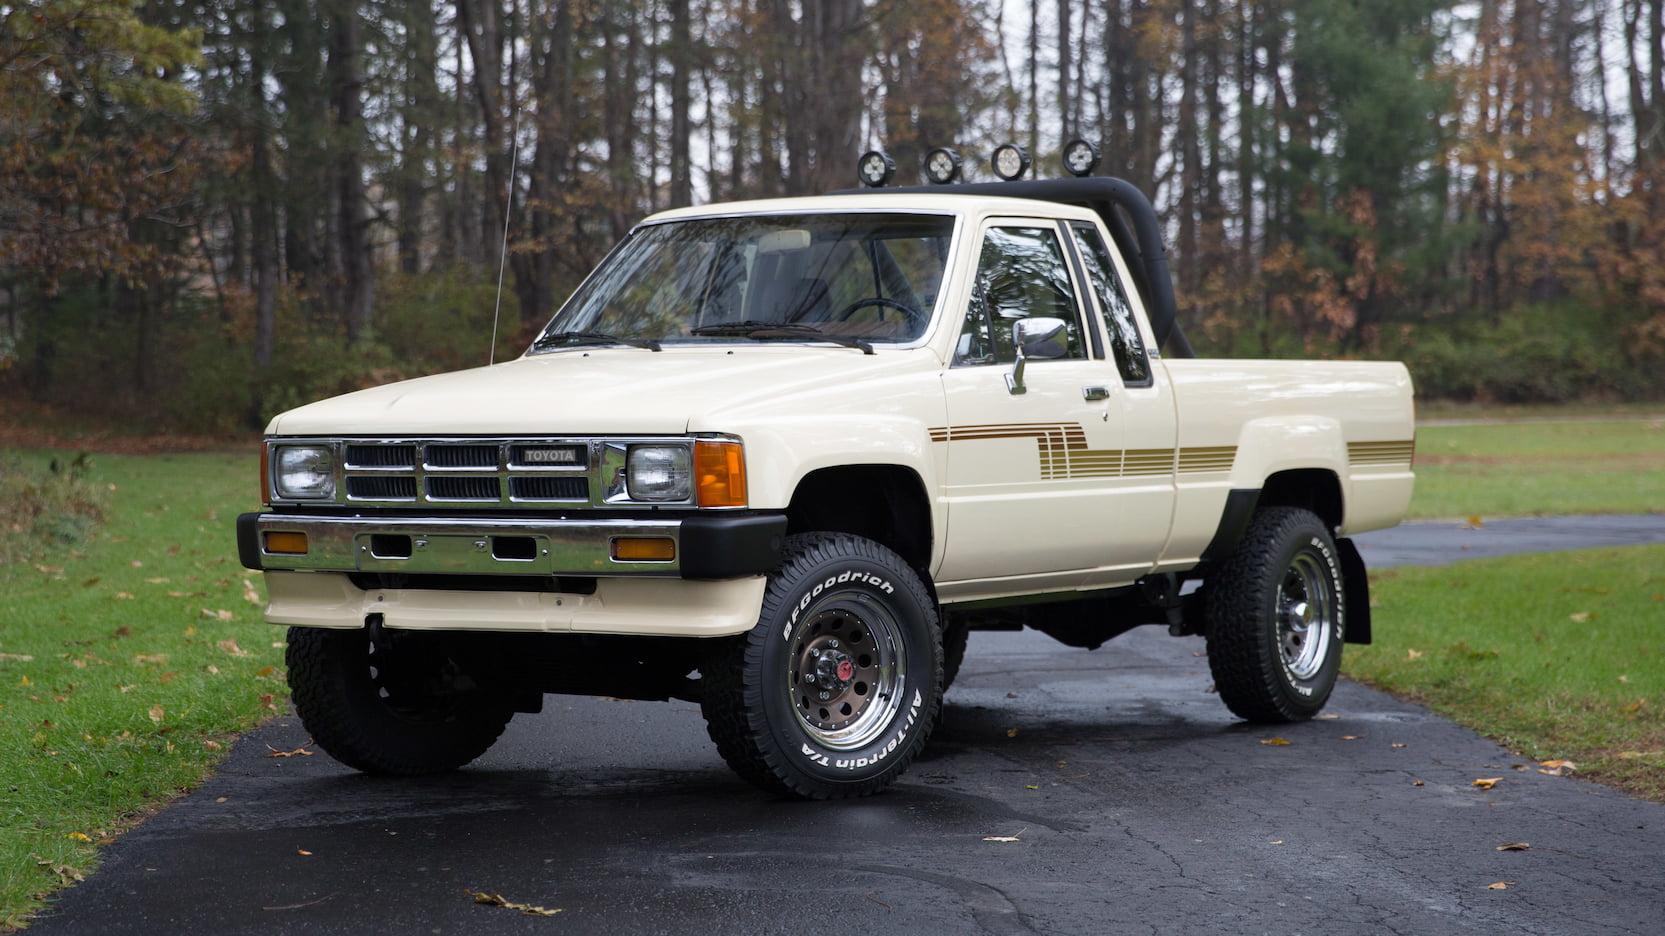 1986 Toyota Xtracab Deluxe Pickup